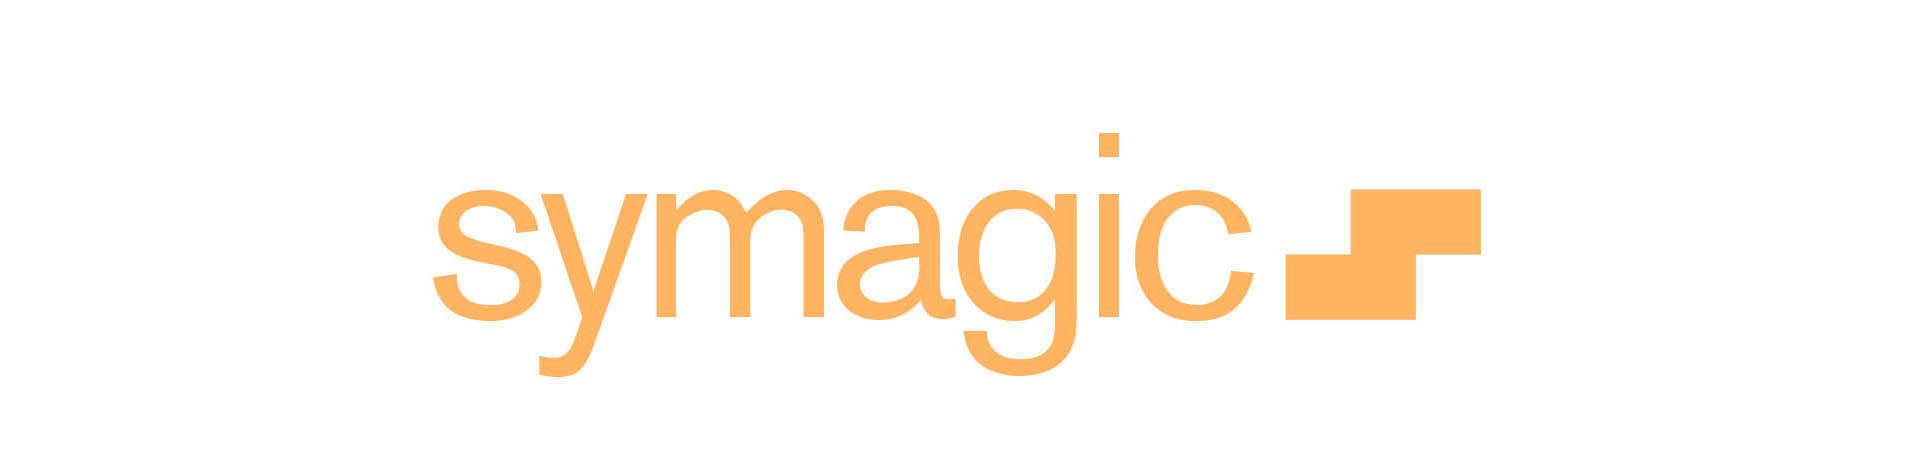 logo-header-symagic-2018kopie